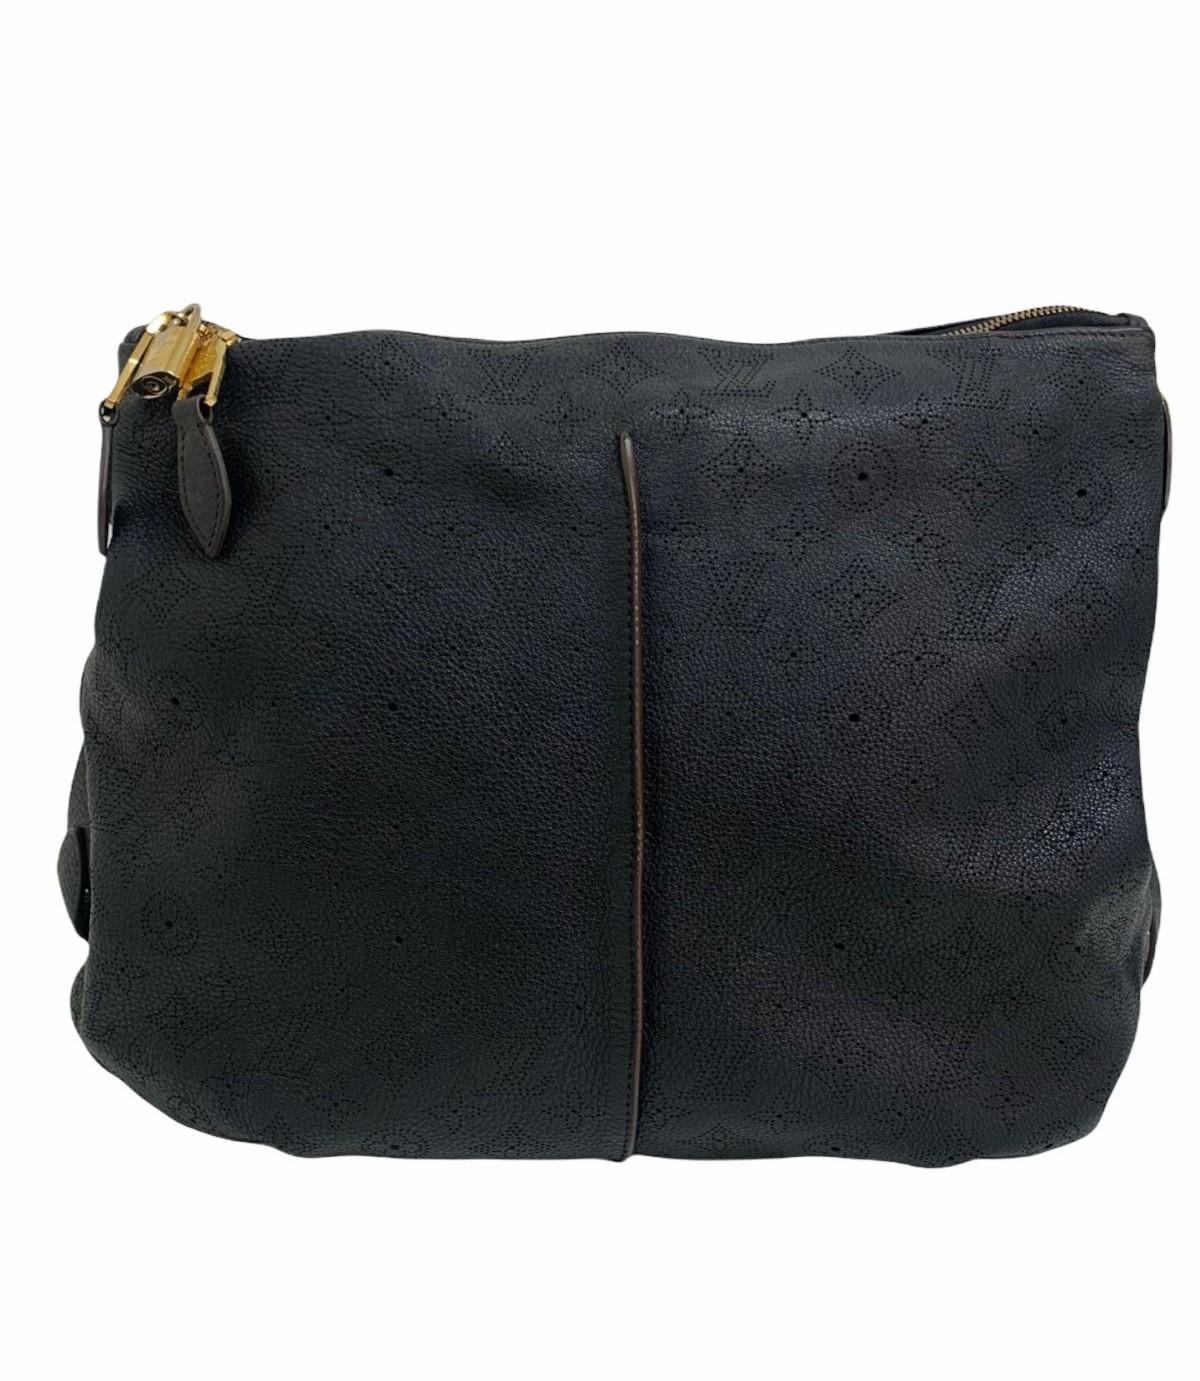 Bolsa Louis Vuitton Selene Mahina Leather MM